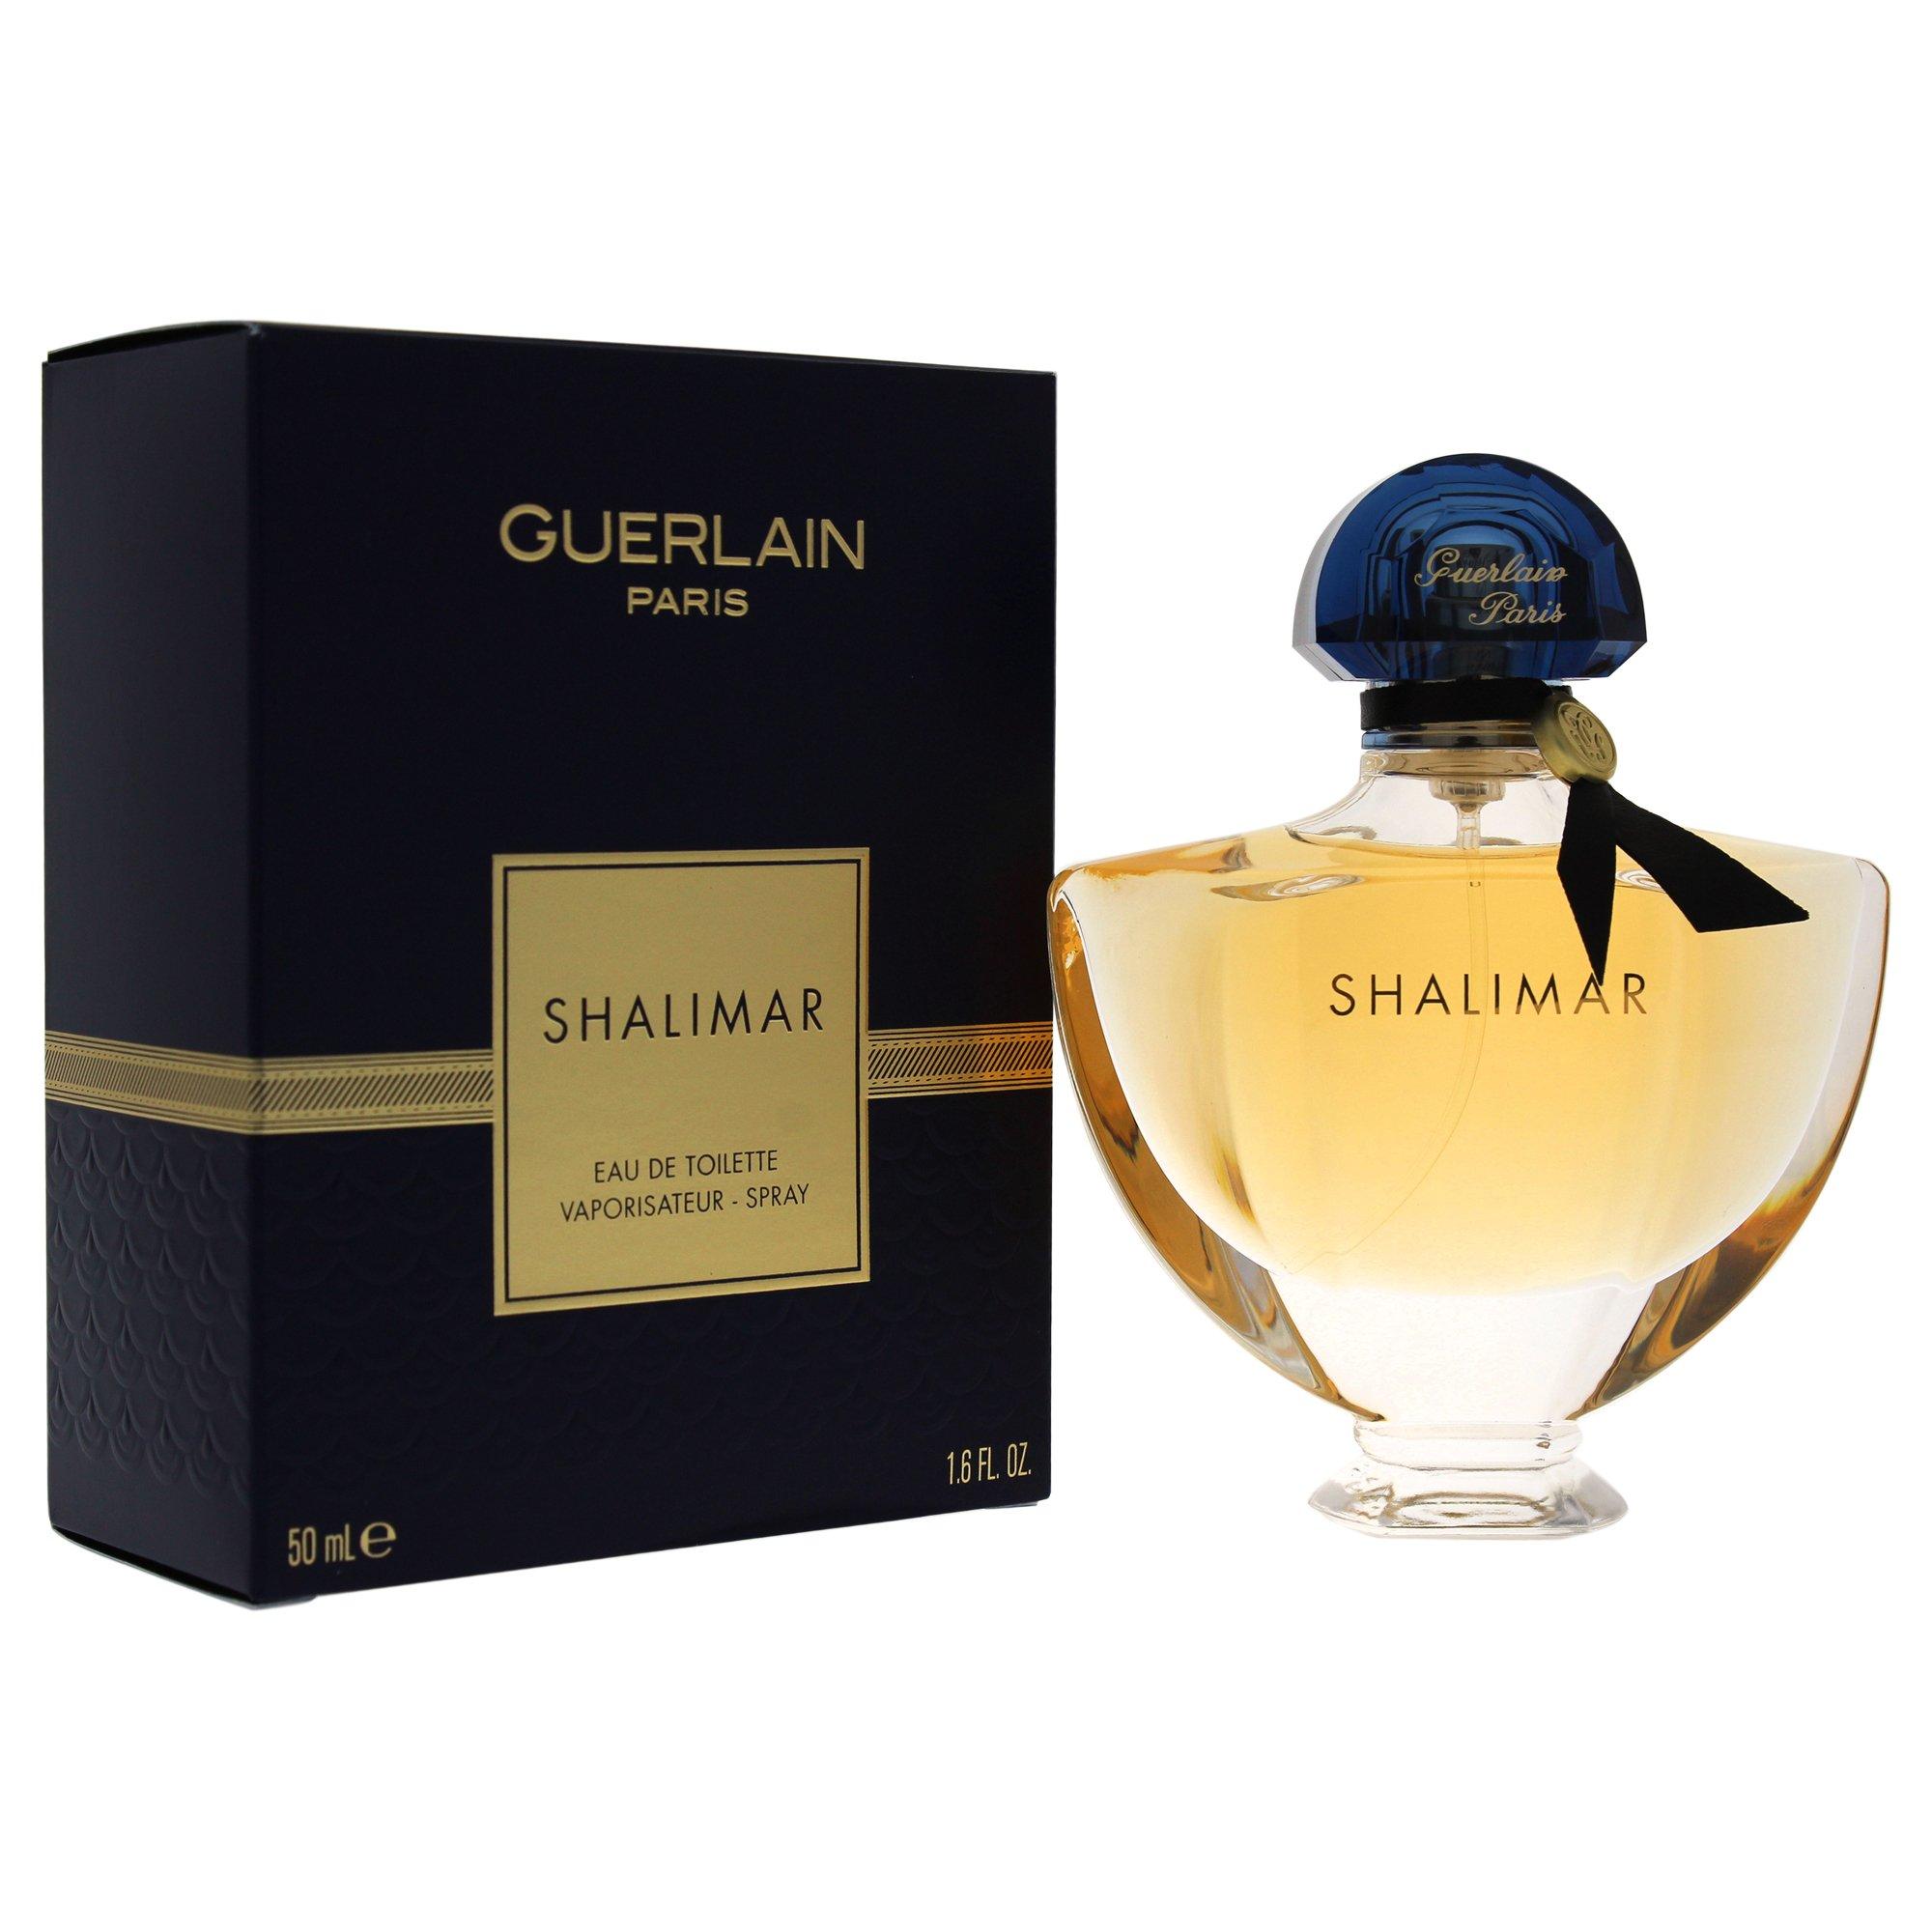 Shalimar by Guerlain 50ml 1.6 oz EDT Spray